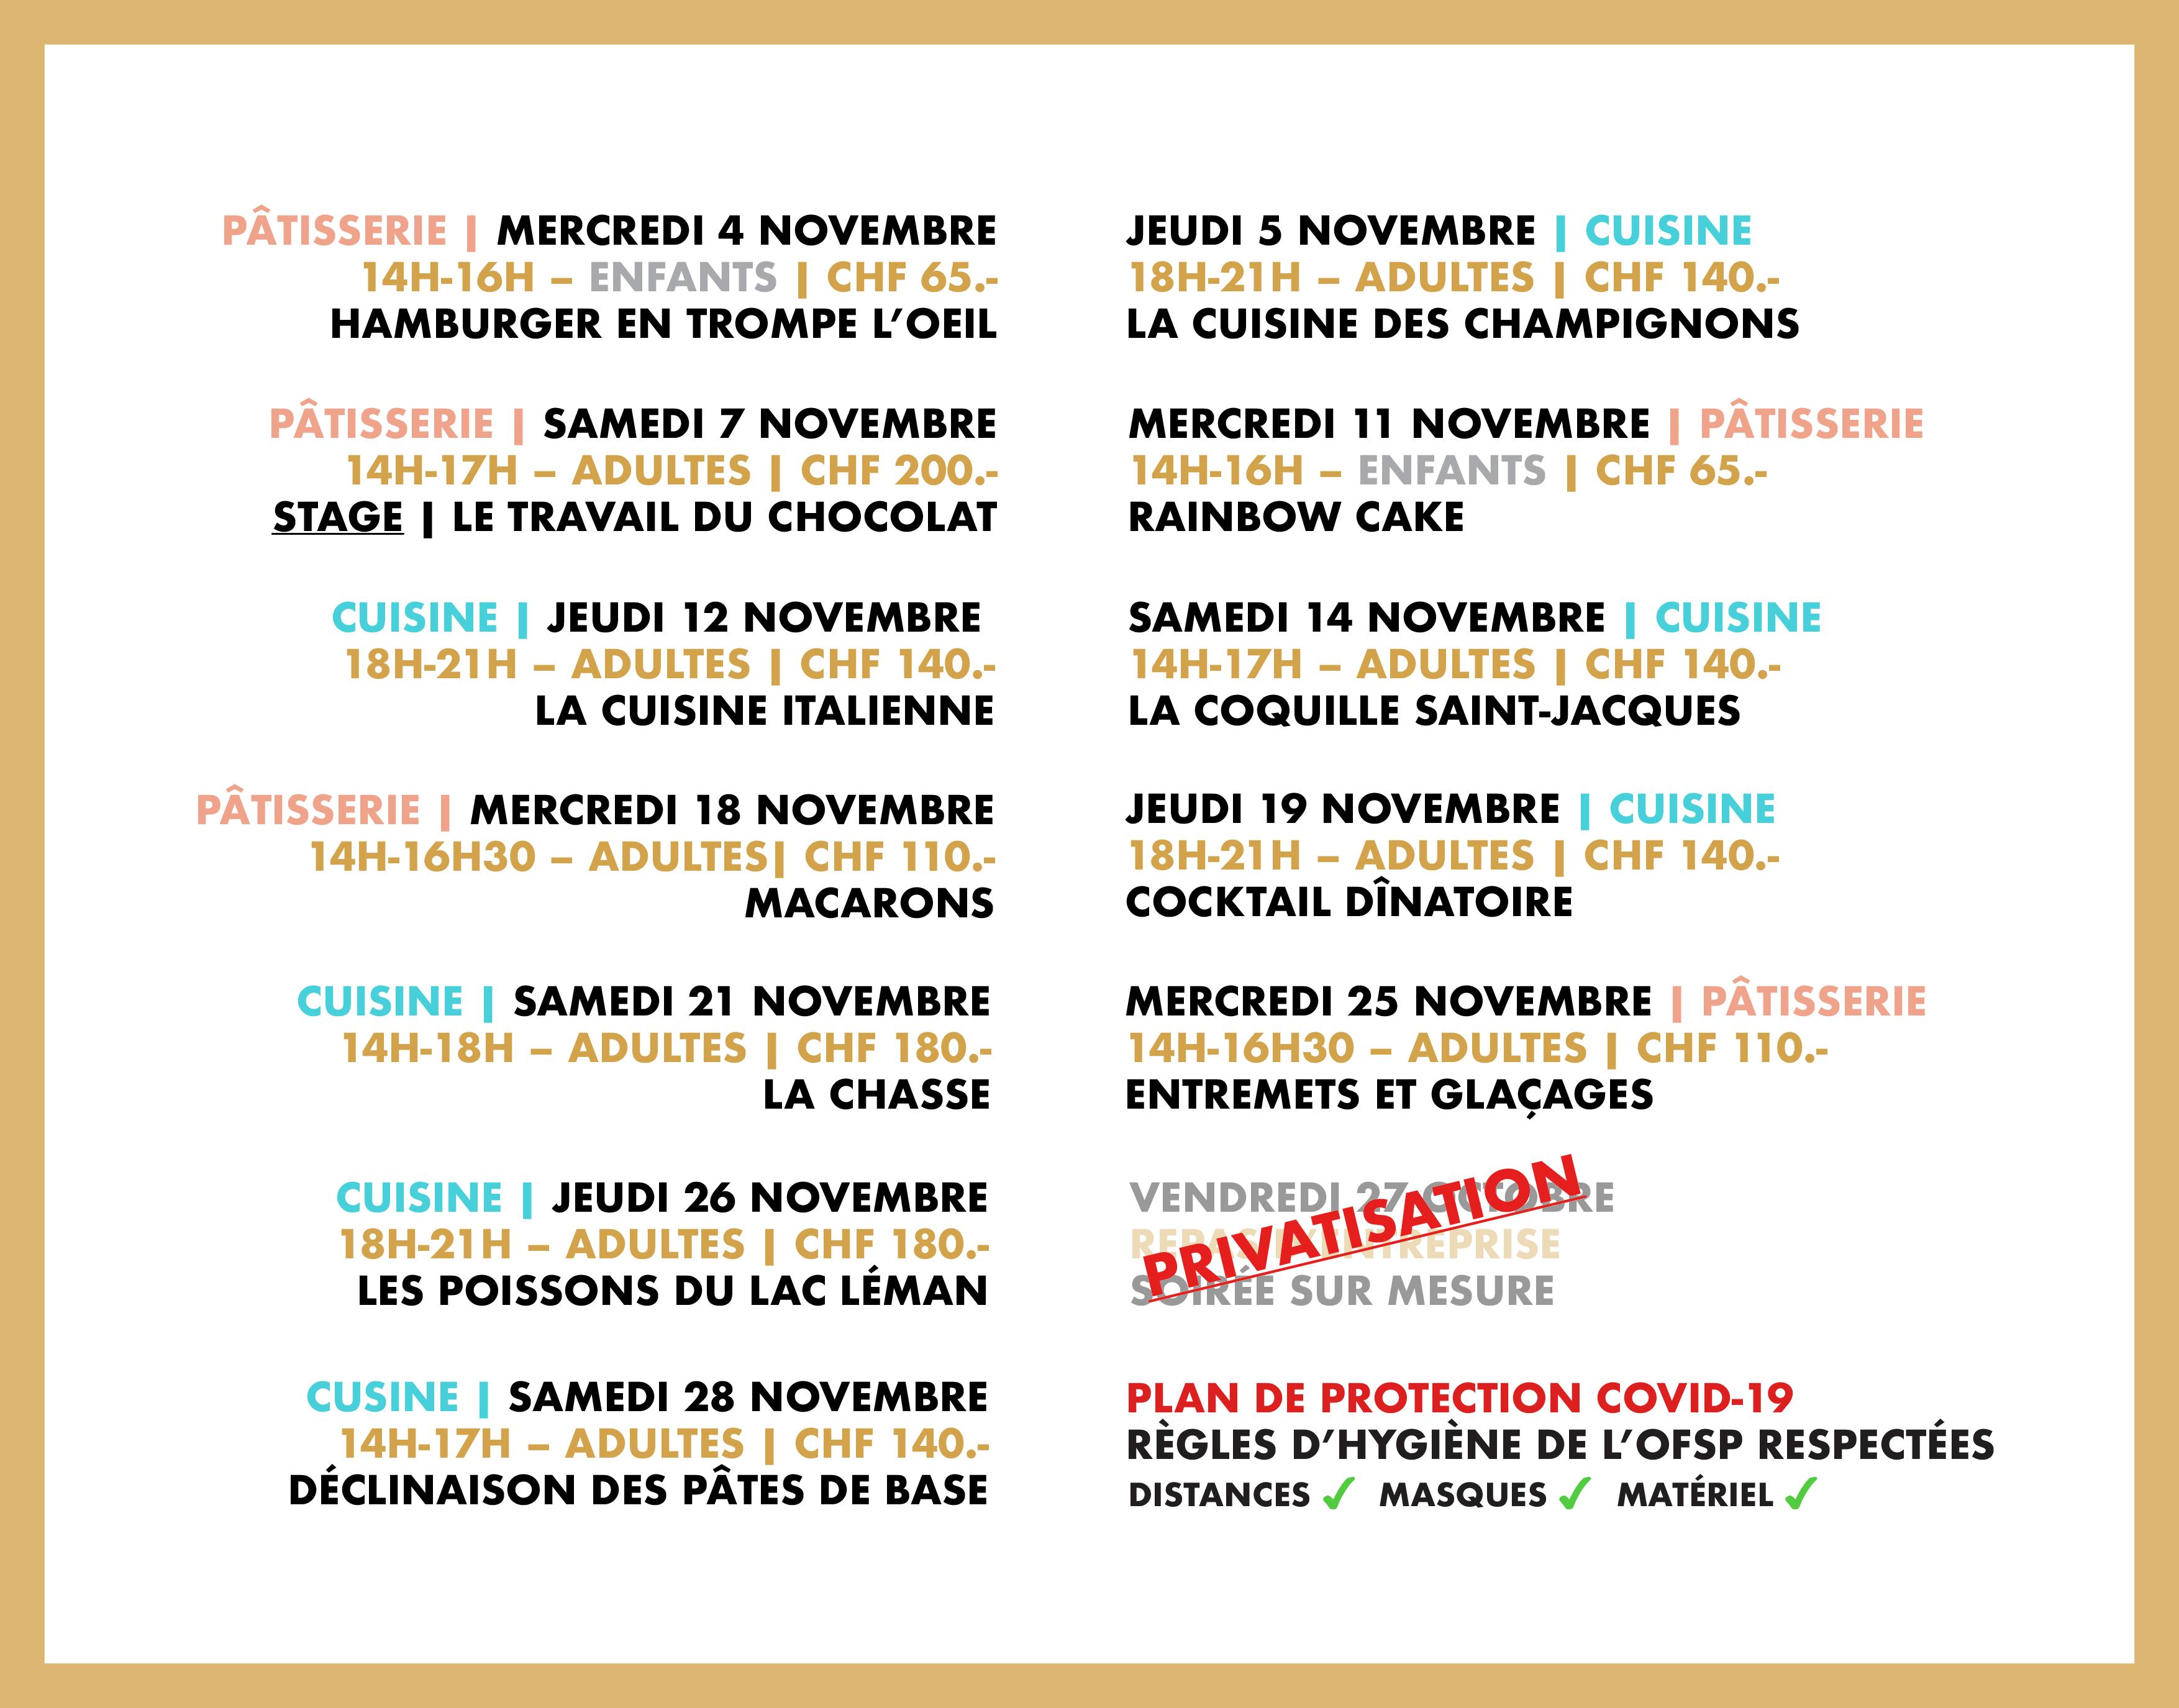 Programme du mois d'octobre 2020